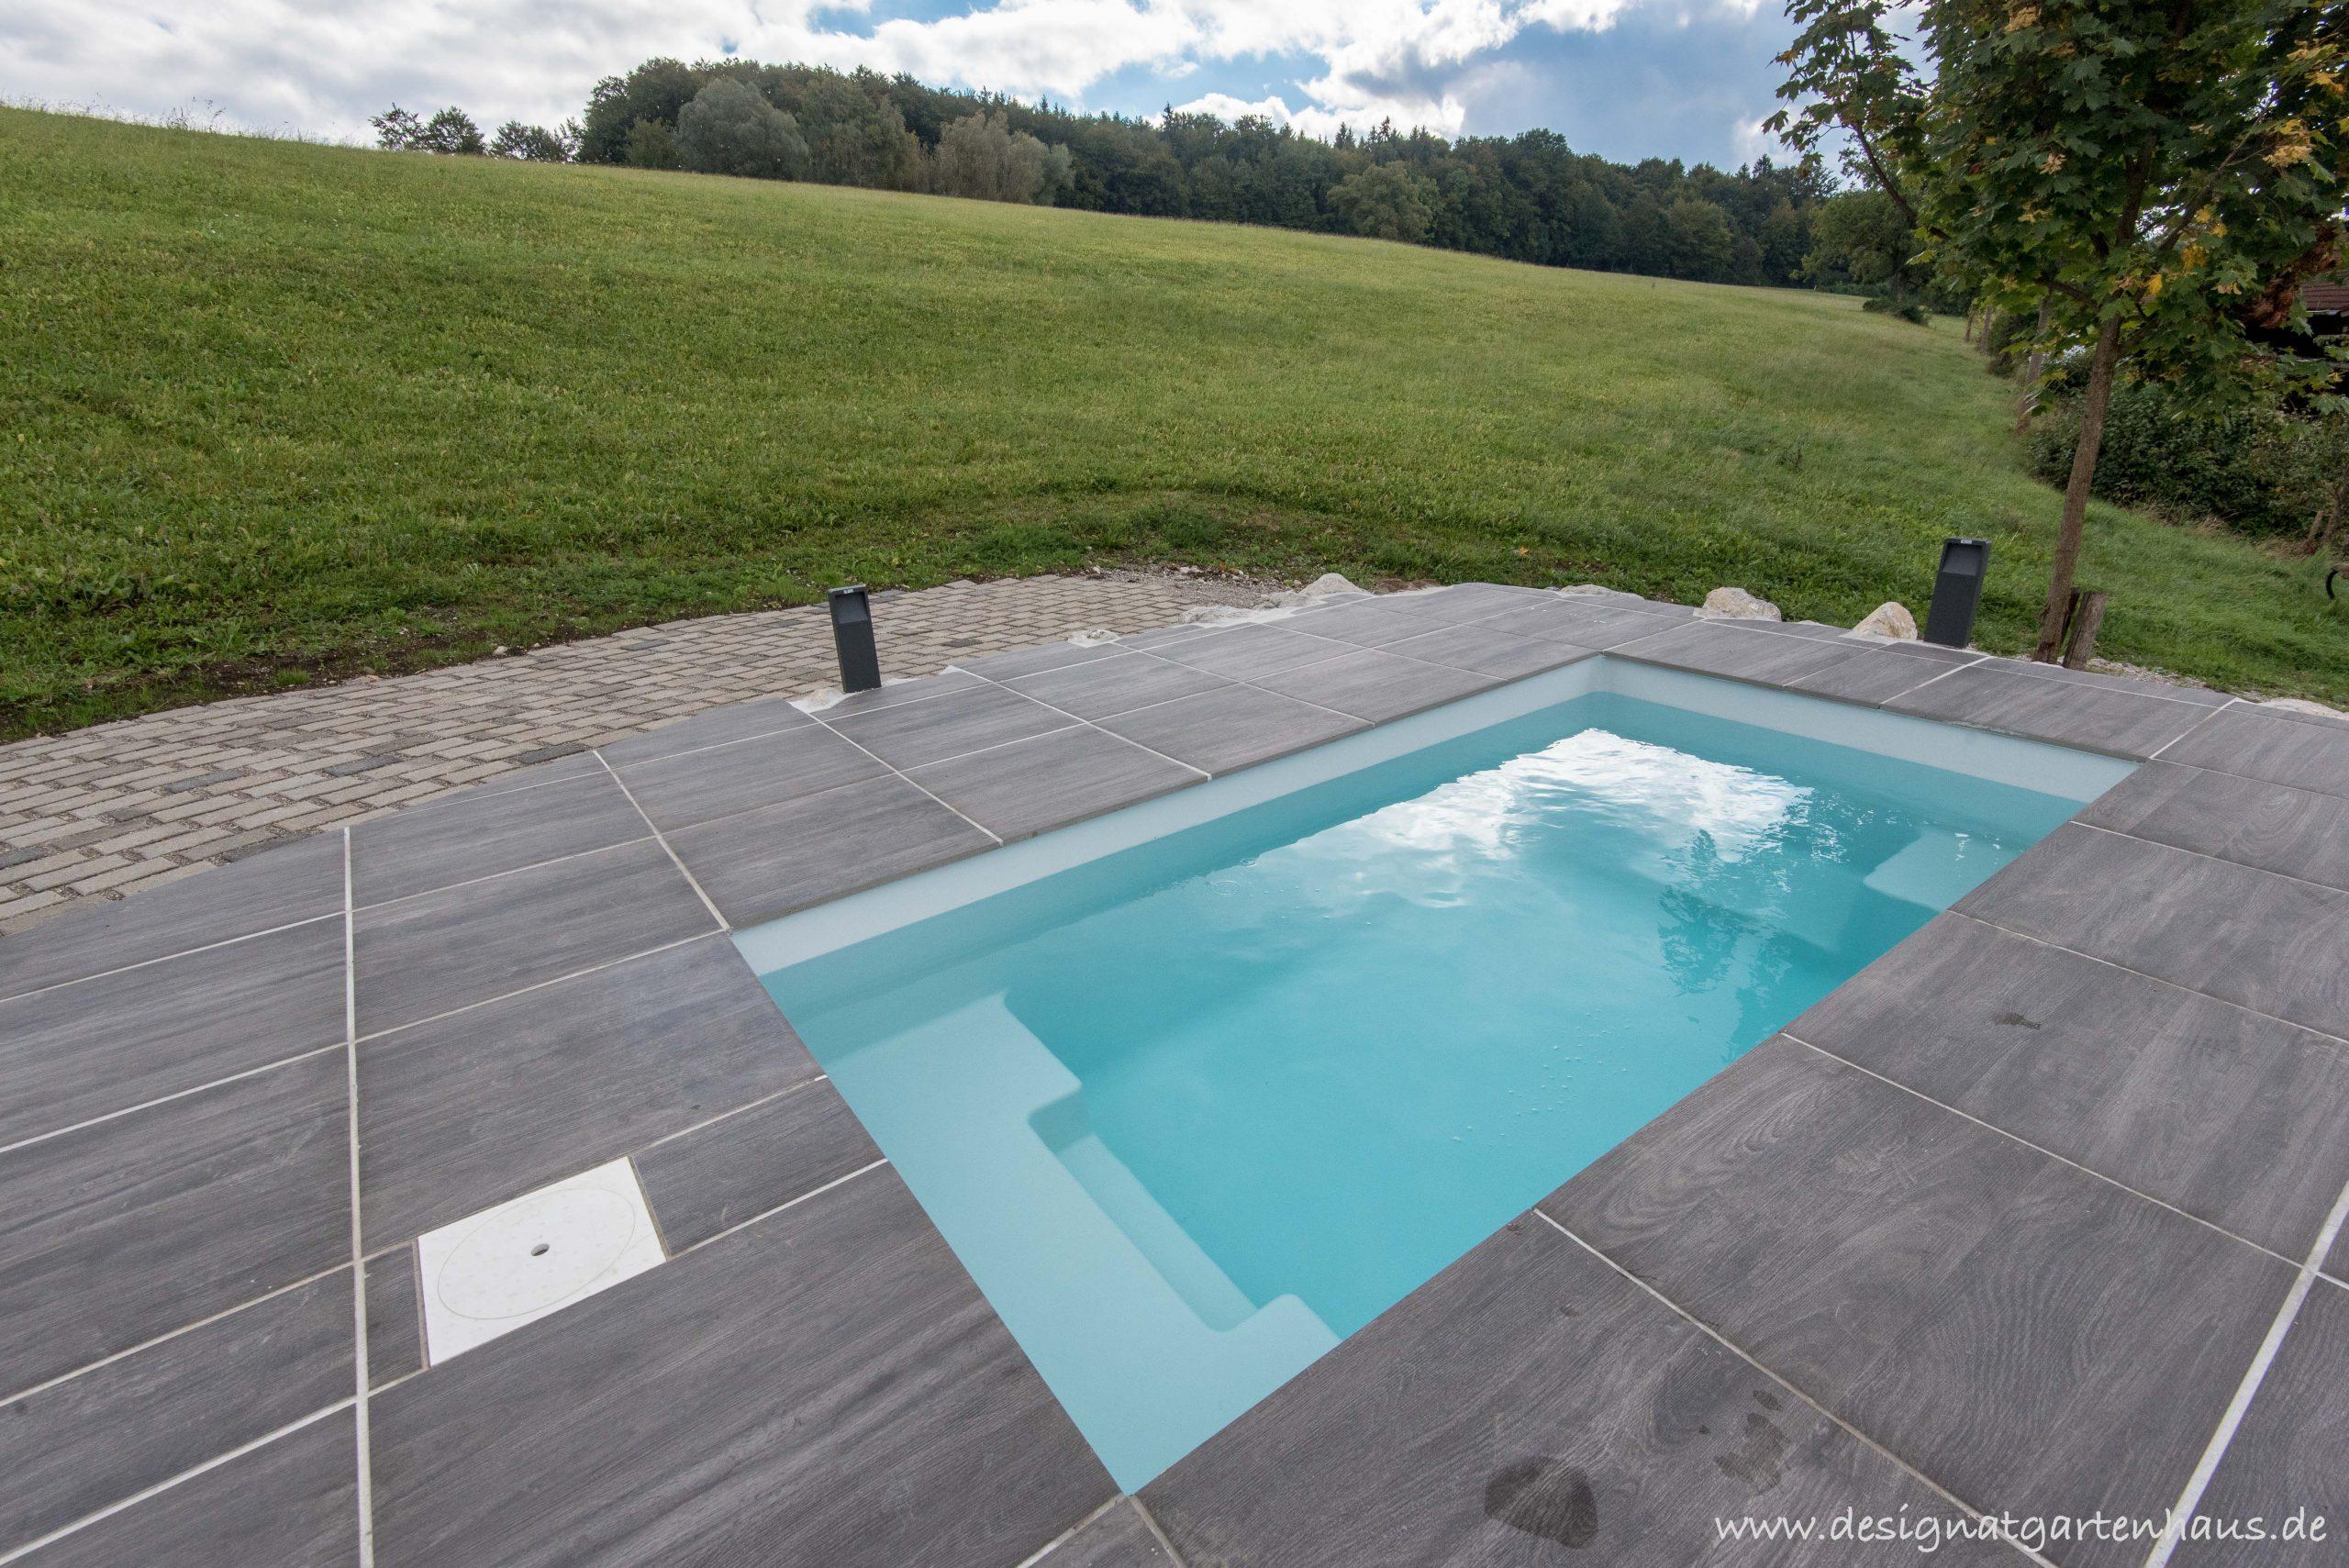 Full Size of Mini Pool Kaufen Gfk Garten Online Küche Ikea Duschen Regale Whirlpool Aufblasbar Aluminium Verbundplatte Fenster Günstig Sofa Gebrauchte Verkaufen Outdoor Wohnzimmer Mini Pool Kaufen